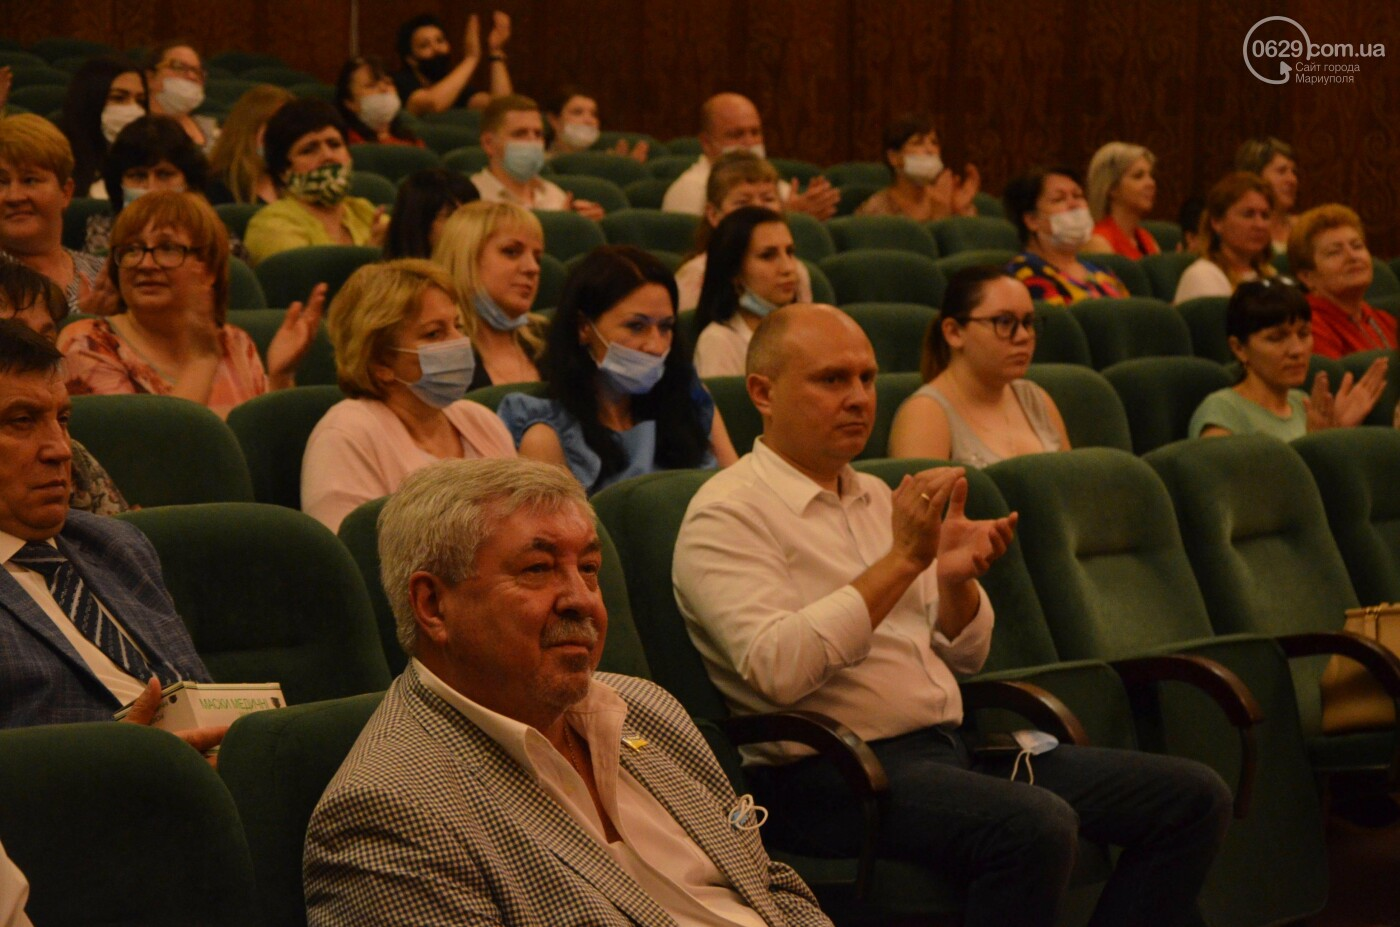 В Мариуполе поздравили людей, спасающих жизни, - ФОТО, фото-7